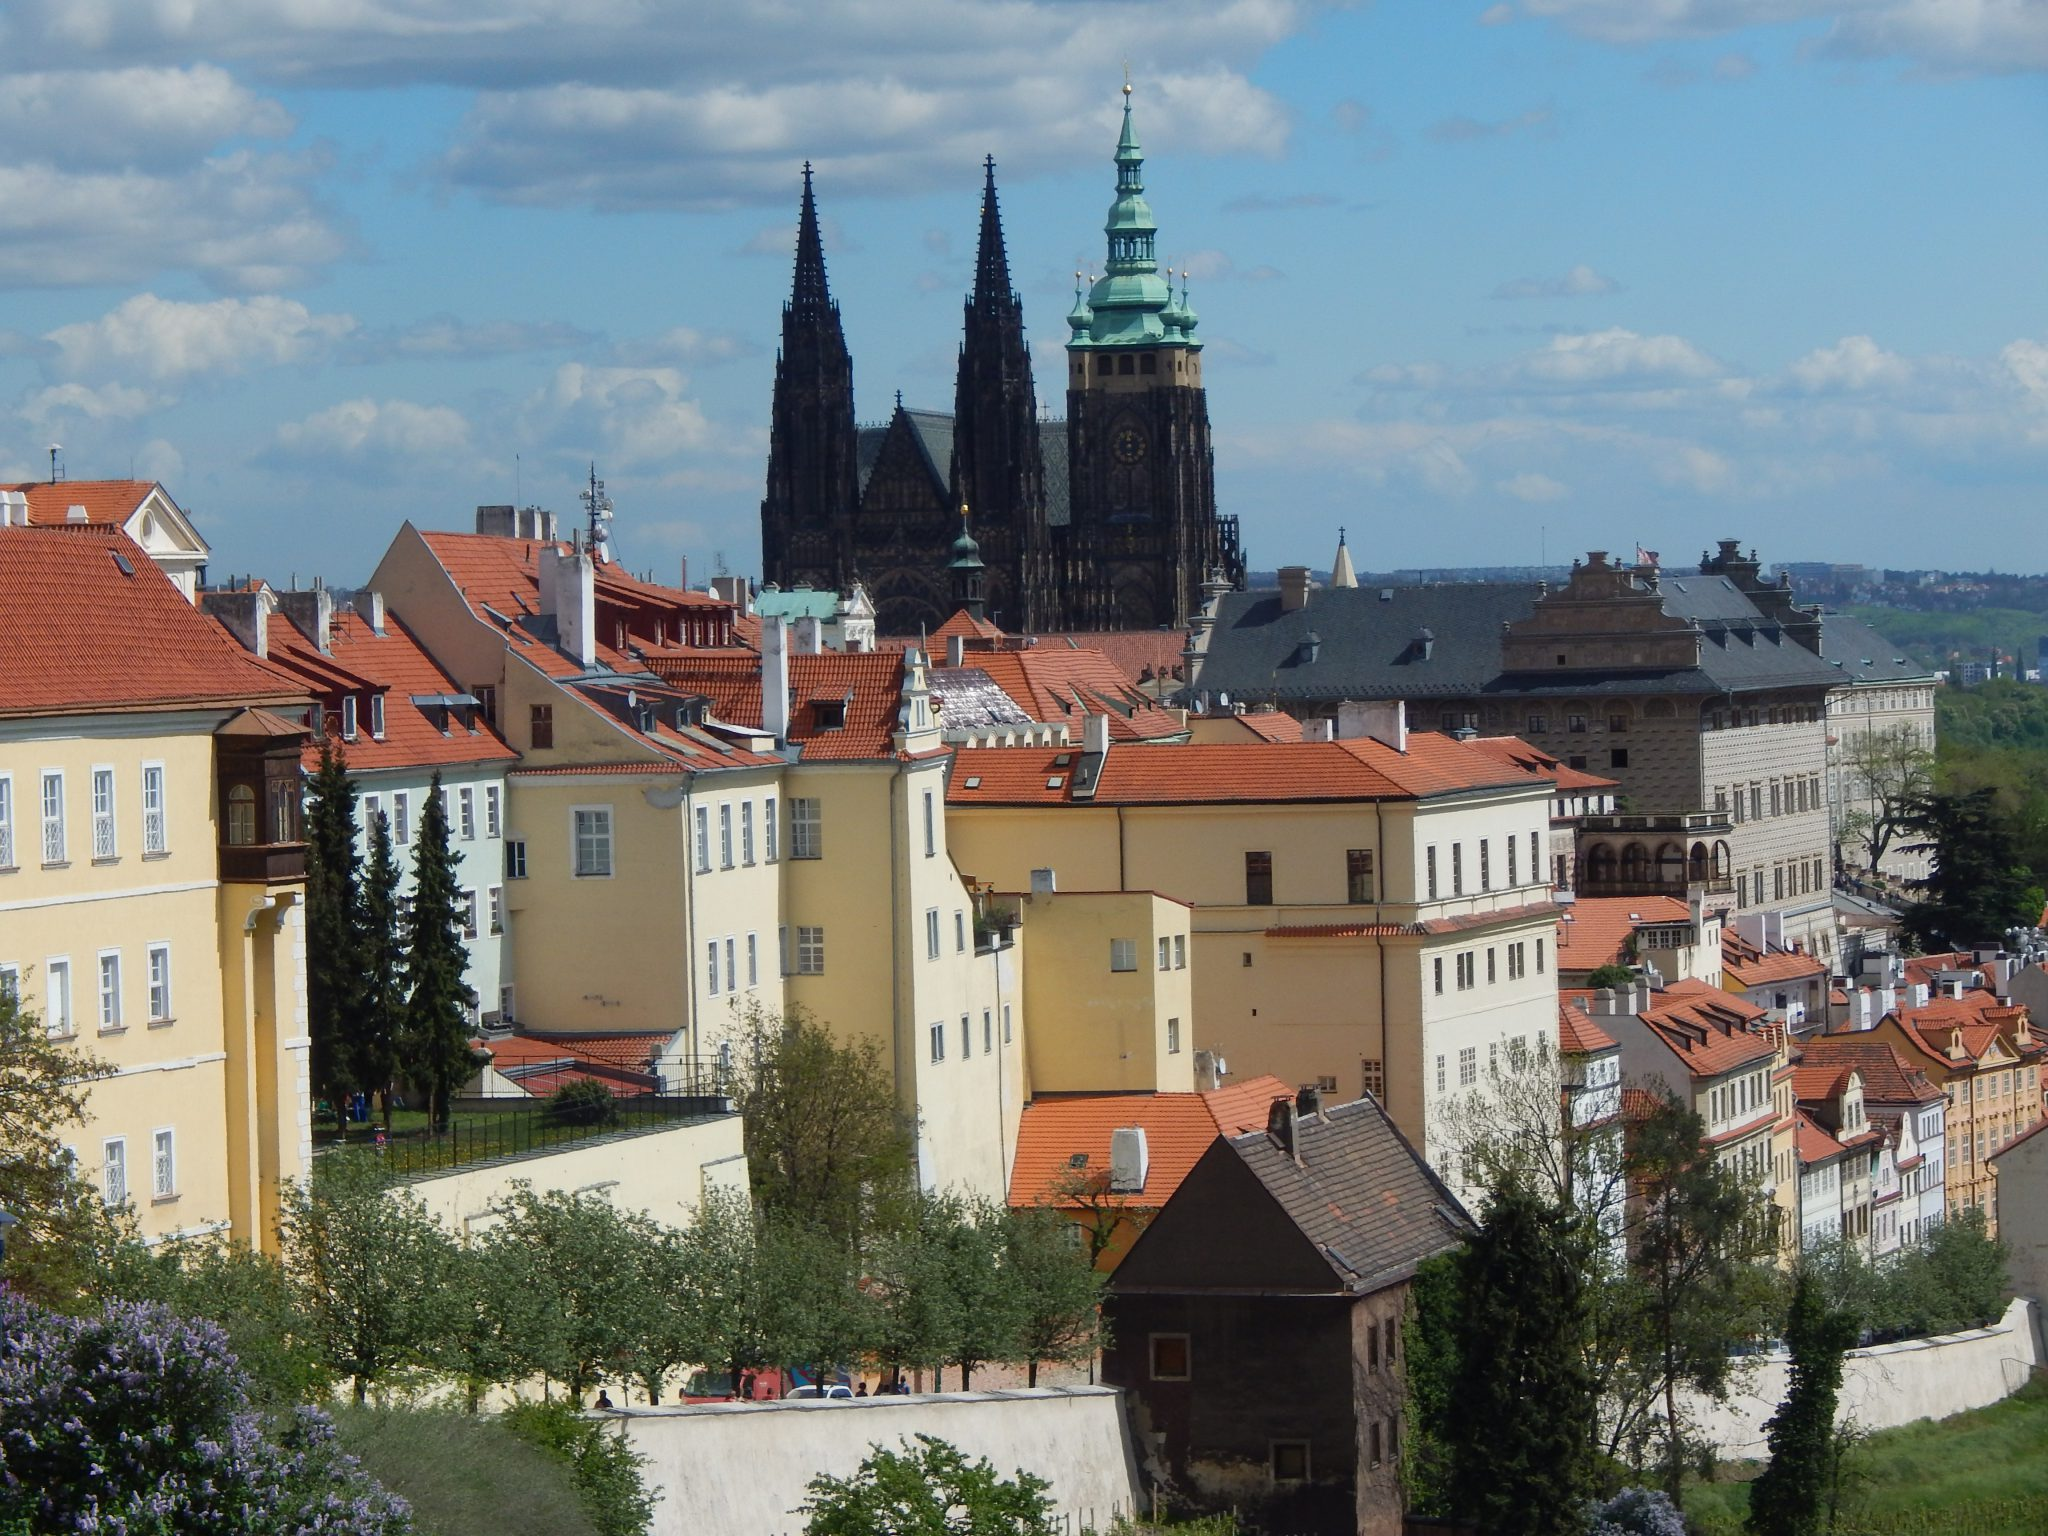 Widok na katedrę i wzgórze zamkowe